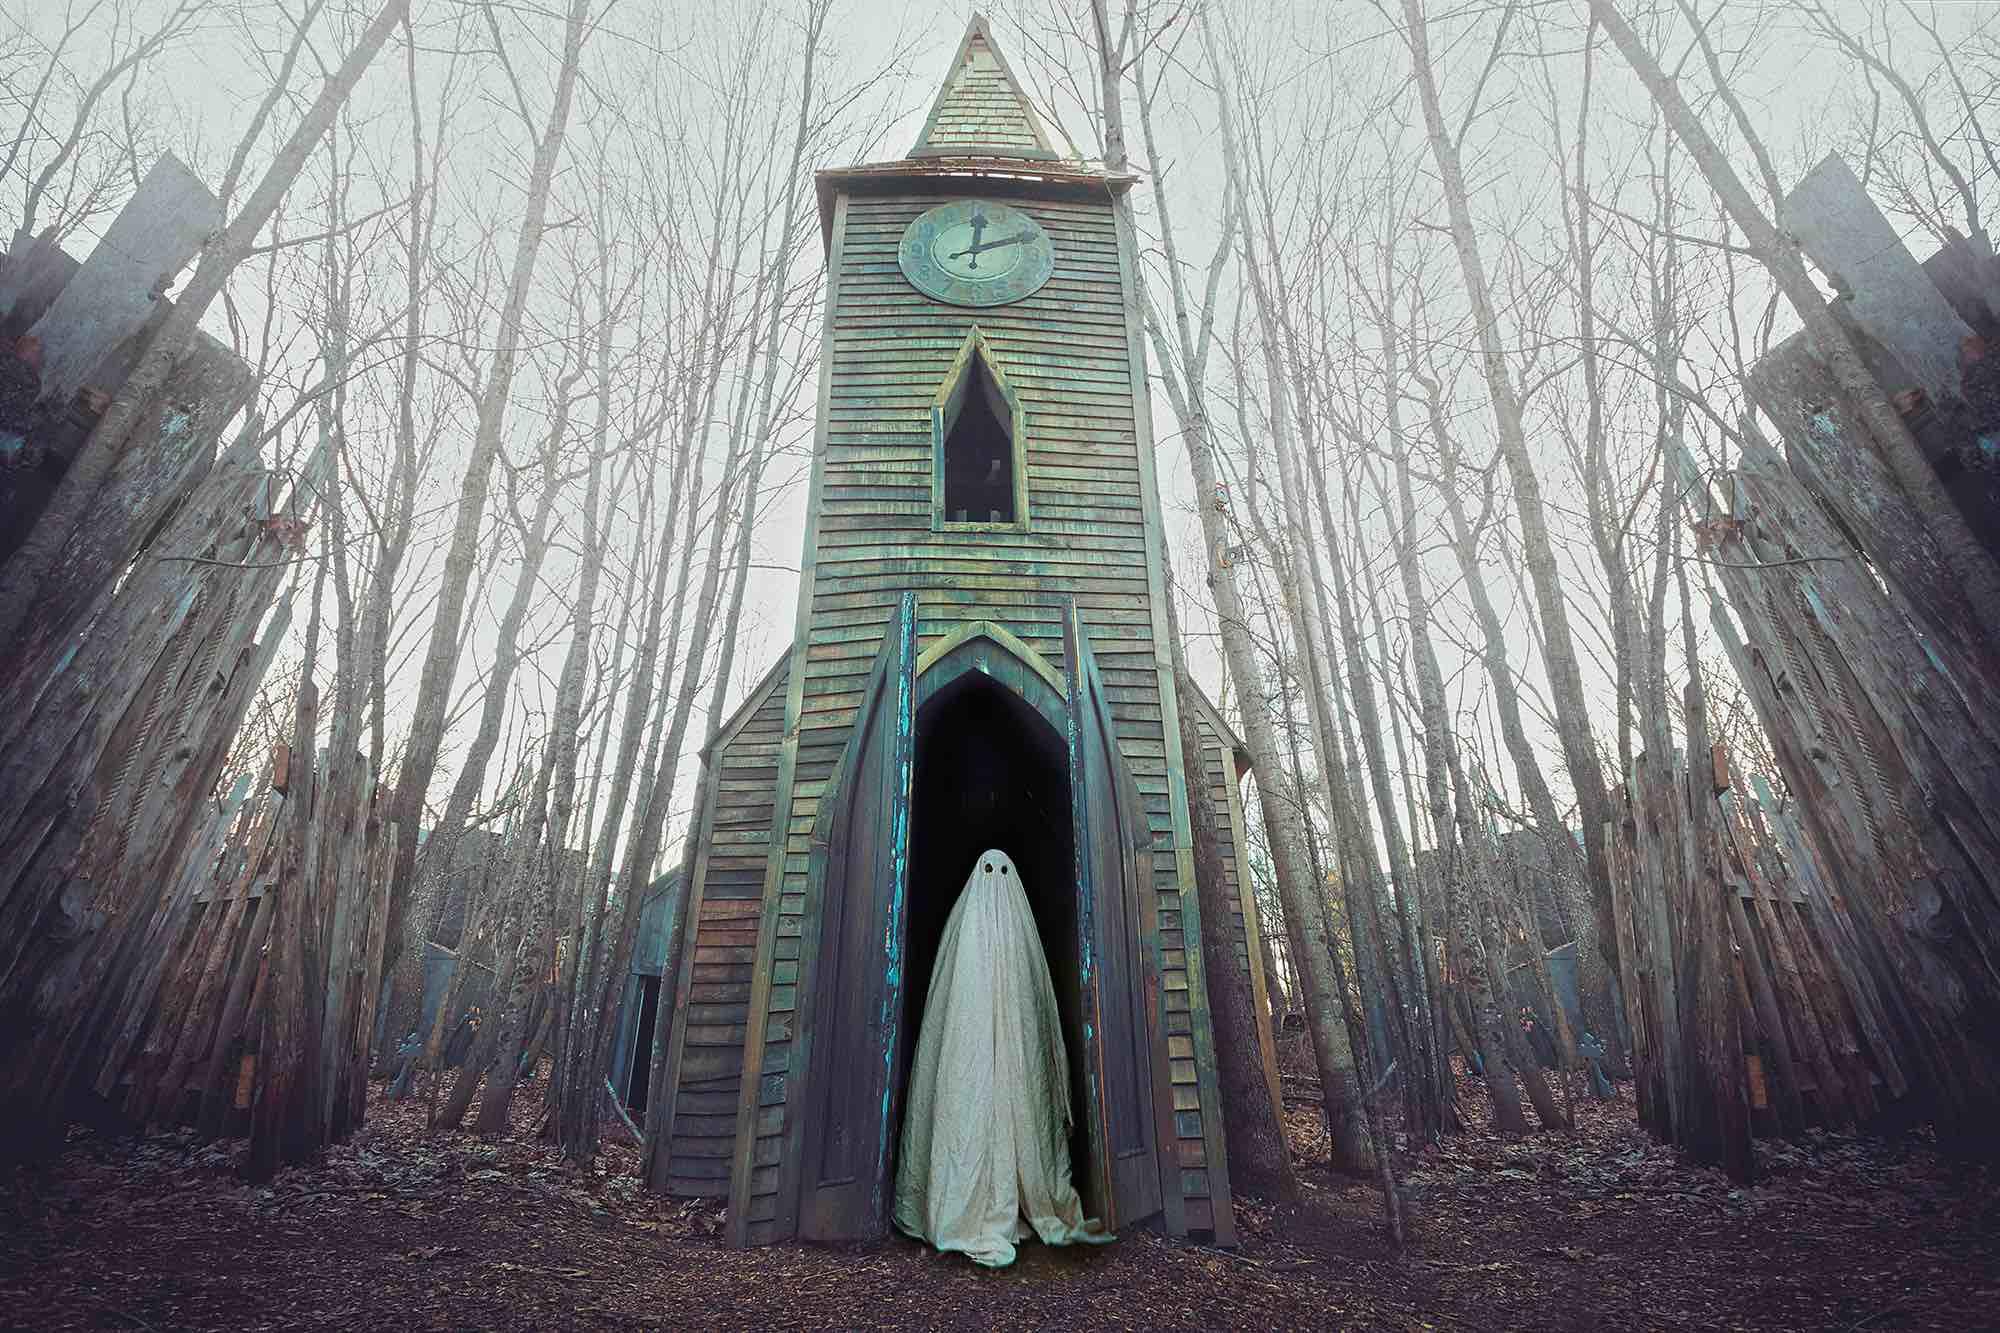 fotografía de un fantasma